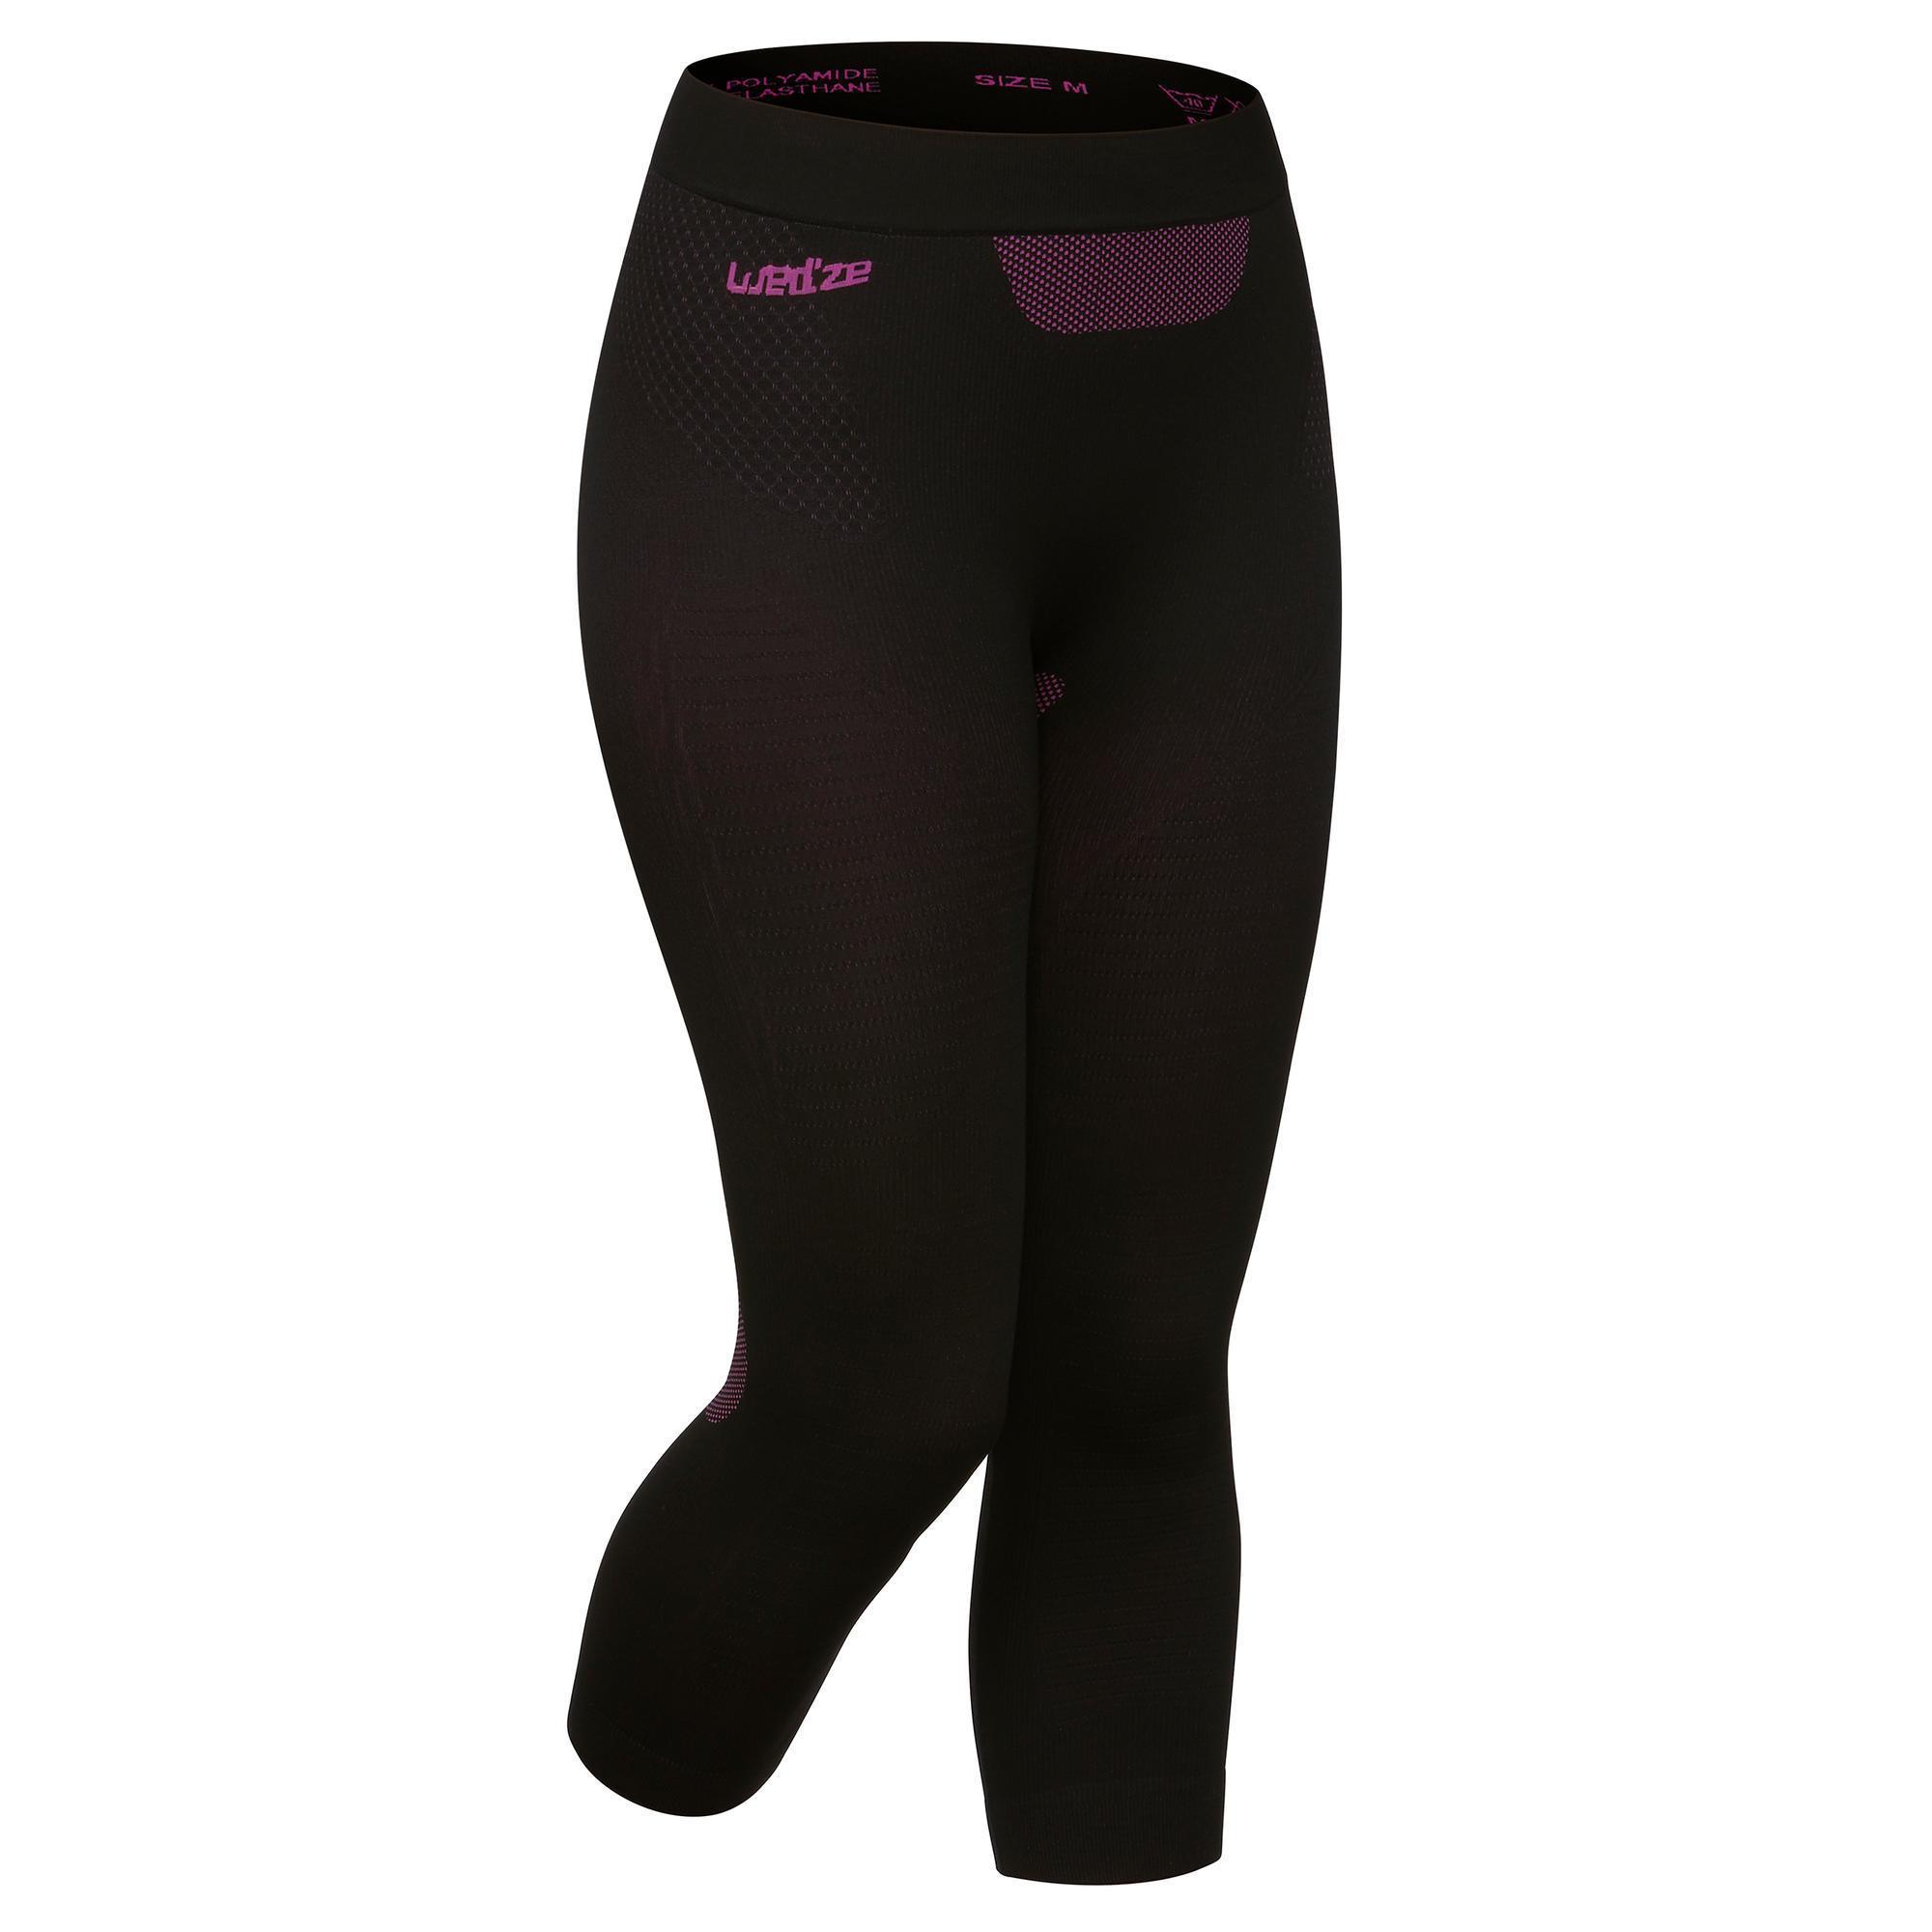 Skiunterhose Funktionshose I-Soft Damen schwarz | Sportbekleidung > Funktionswäsche > Thermounterwäsche | Schwarz - Rosa | Wed'ze